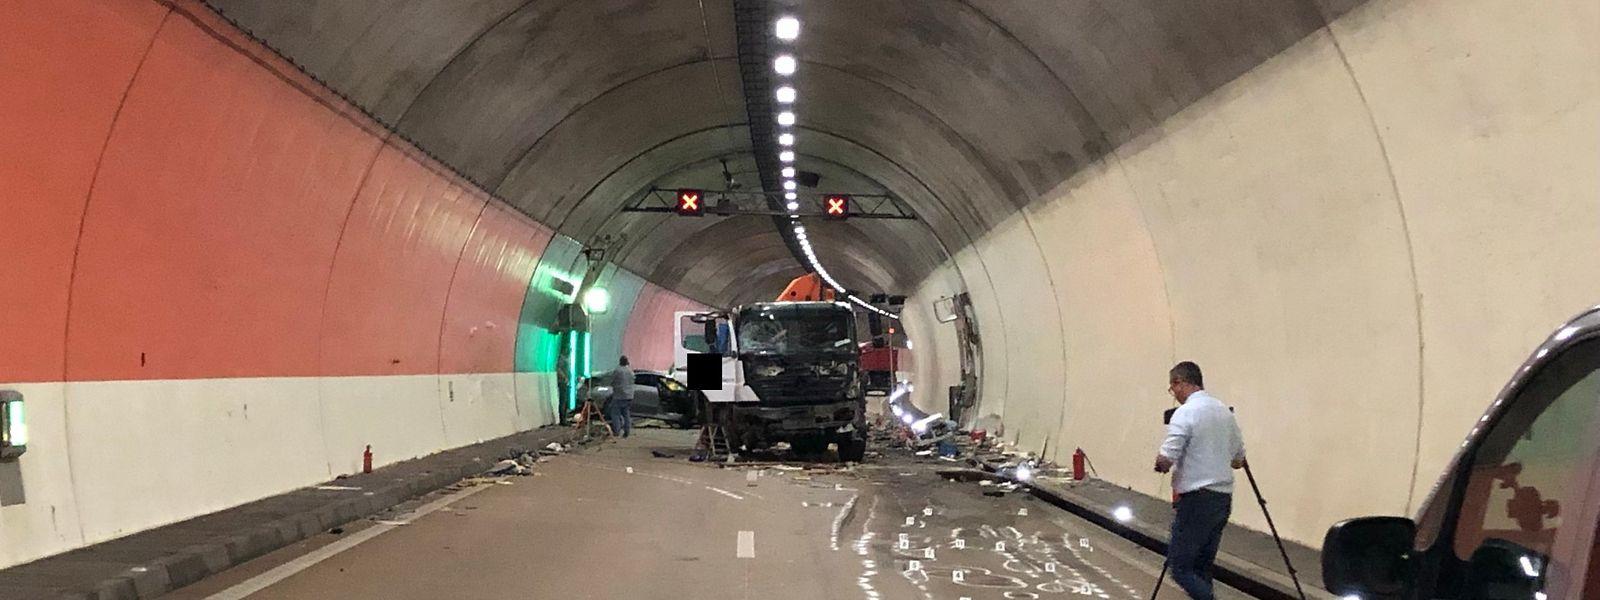 Der Unfall am Mittwoch mit zwei Toten im Tunnel Gousselerbierg hat der Diskussion um Tunnelradare neuen Auftrieb verliehen.